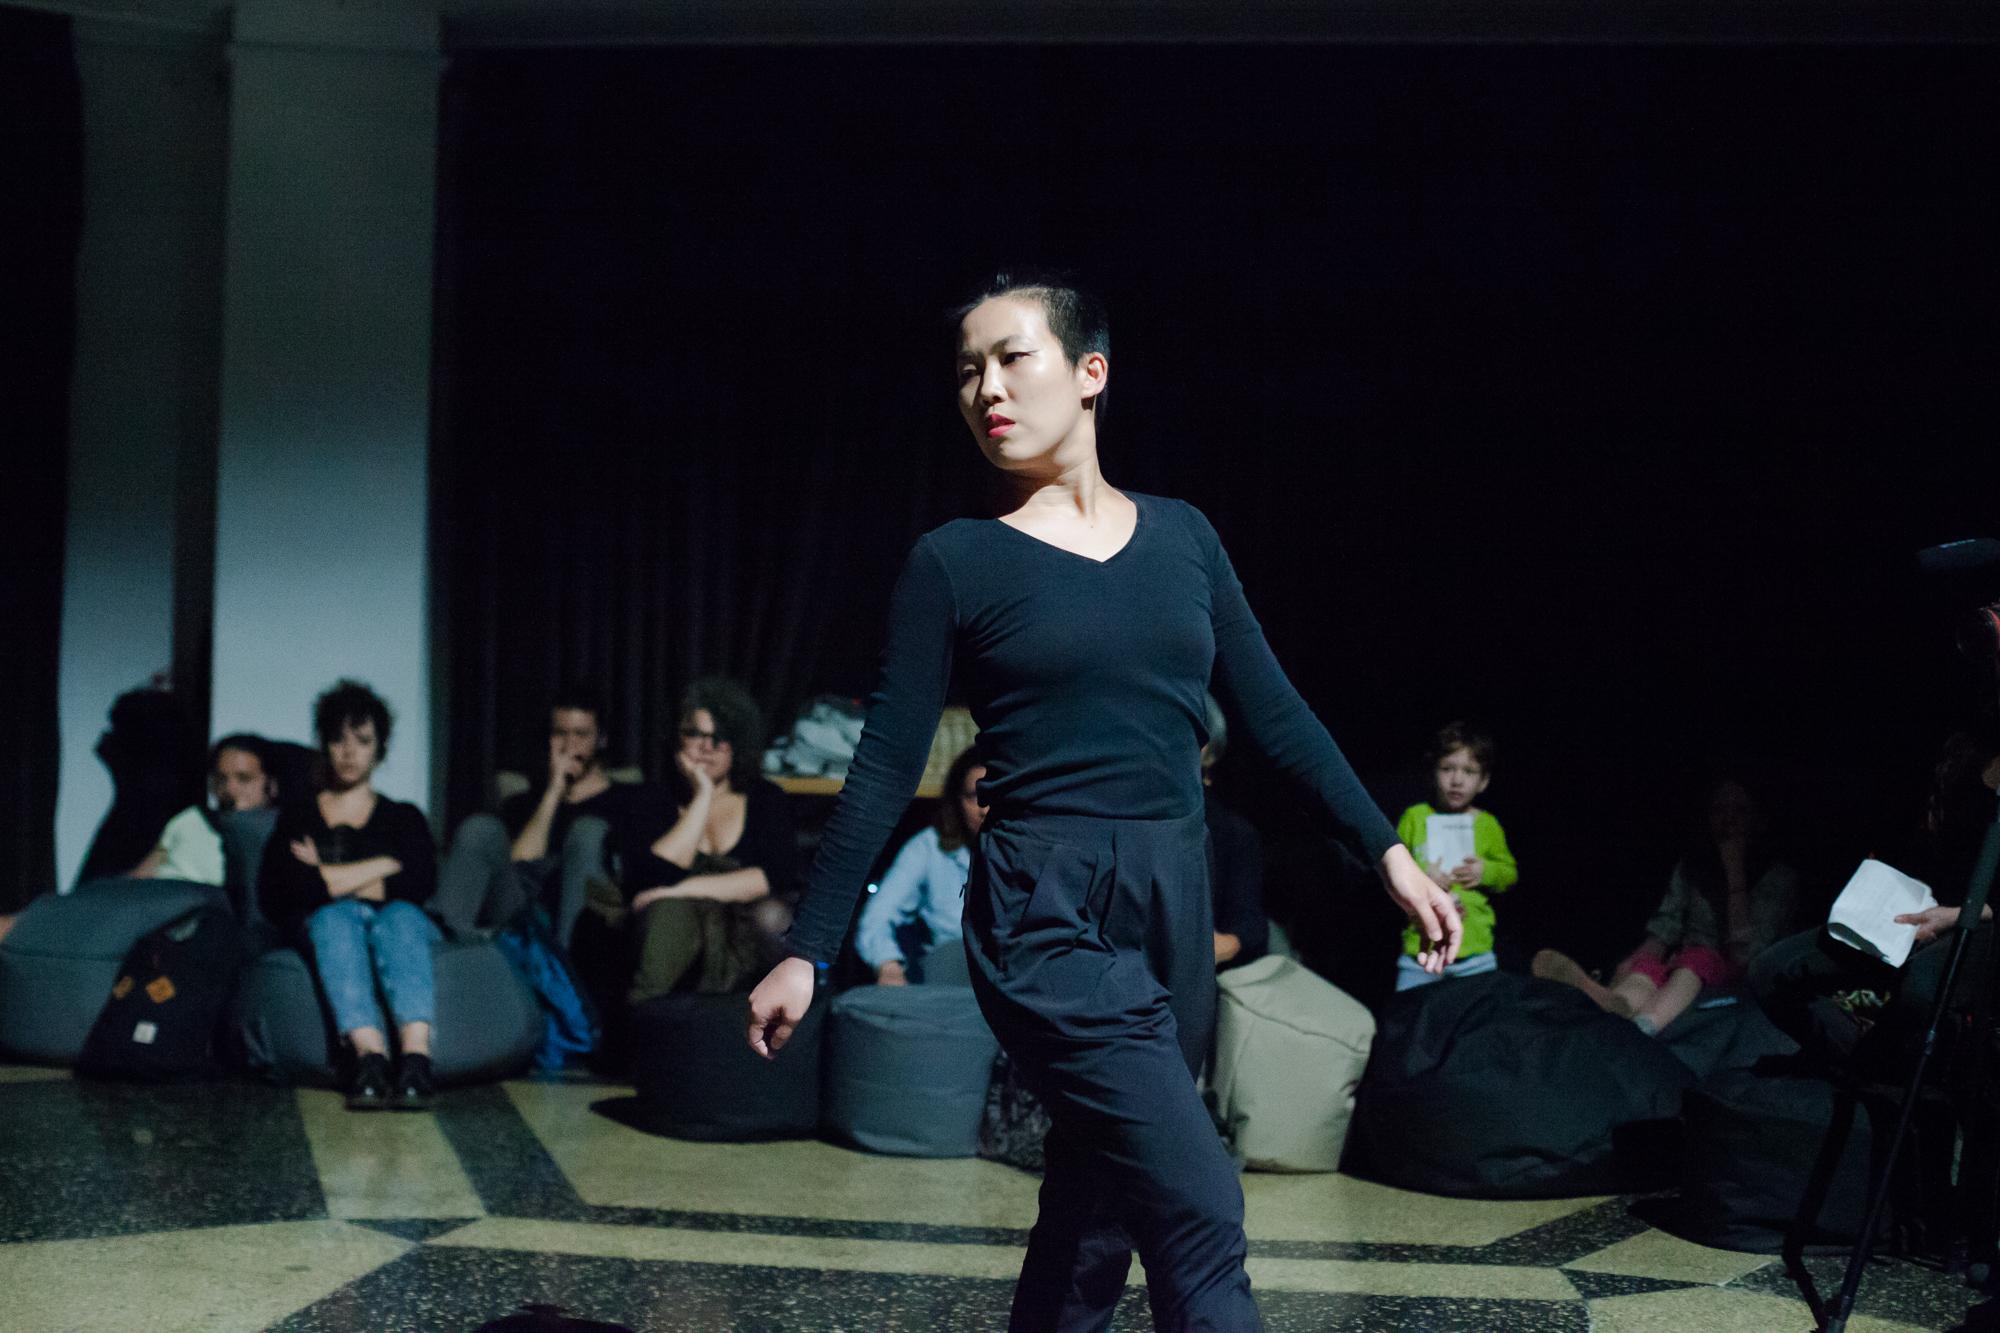 苗栗市女生盧映竹勇闖現代舞壇,獨立創作「φ」獨舞受到好評,今年獲邀到美國藝術駐村2星期,卻為兩千多美元費用發愁不能成行。圖/盧映竹提供